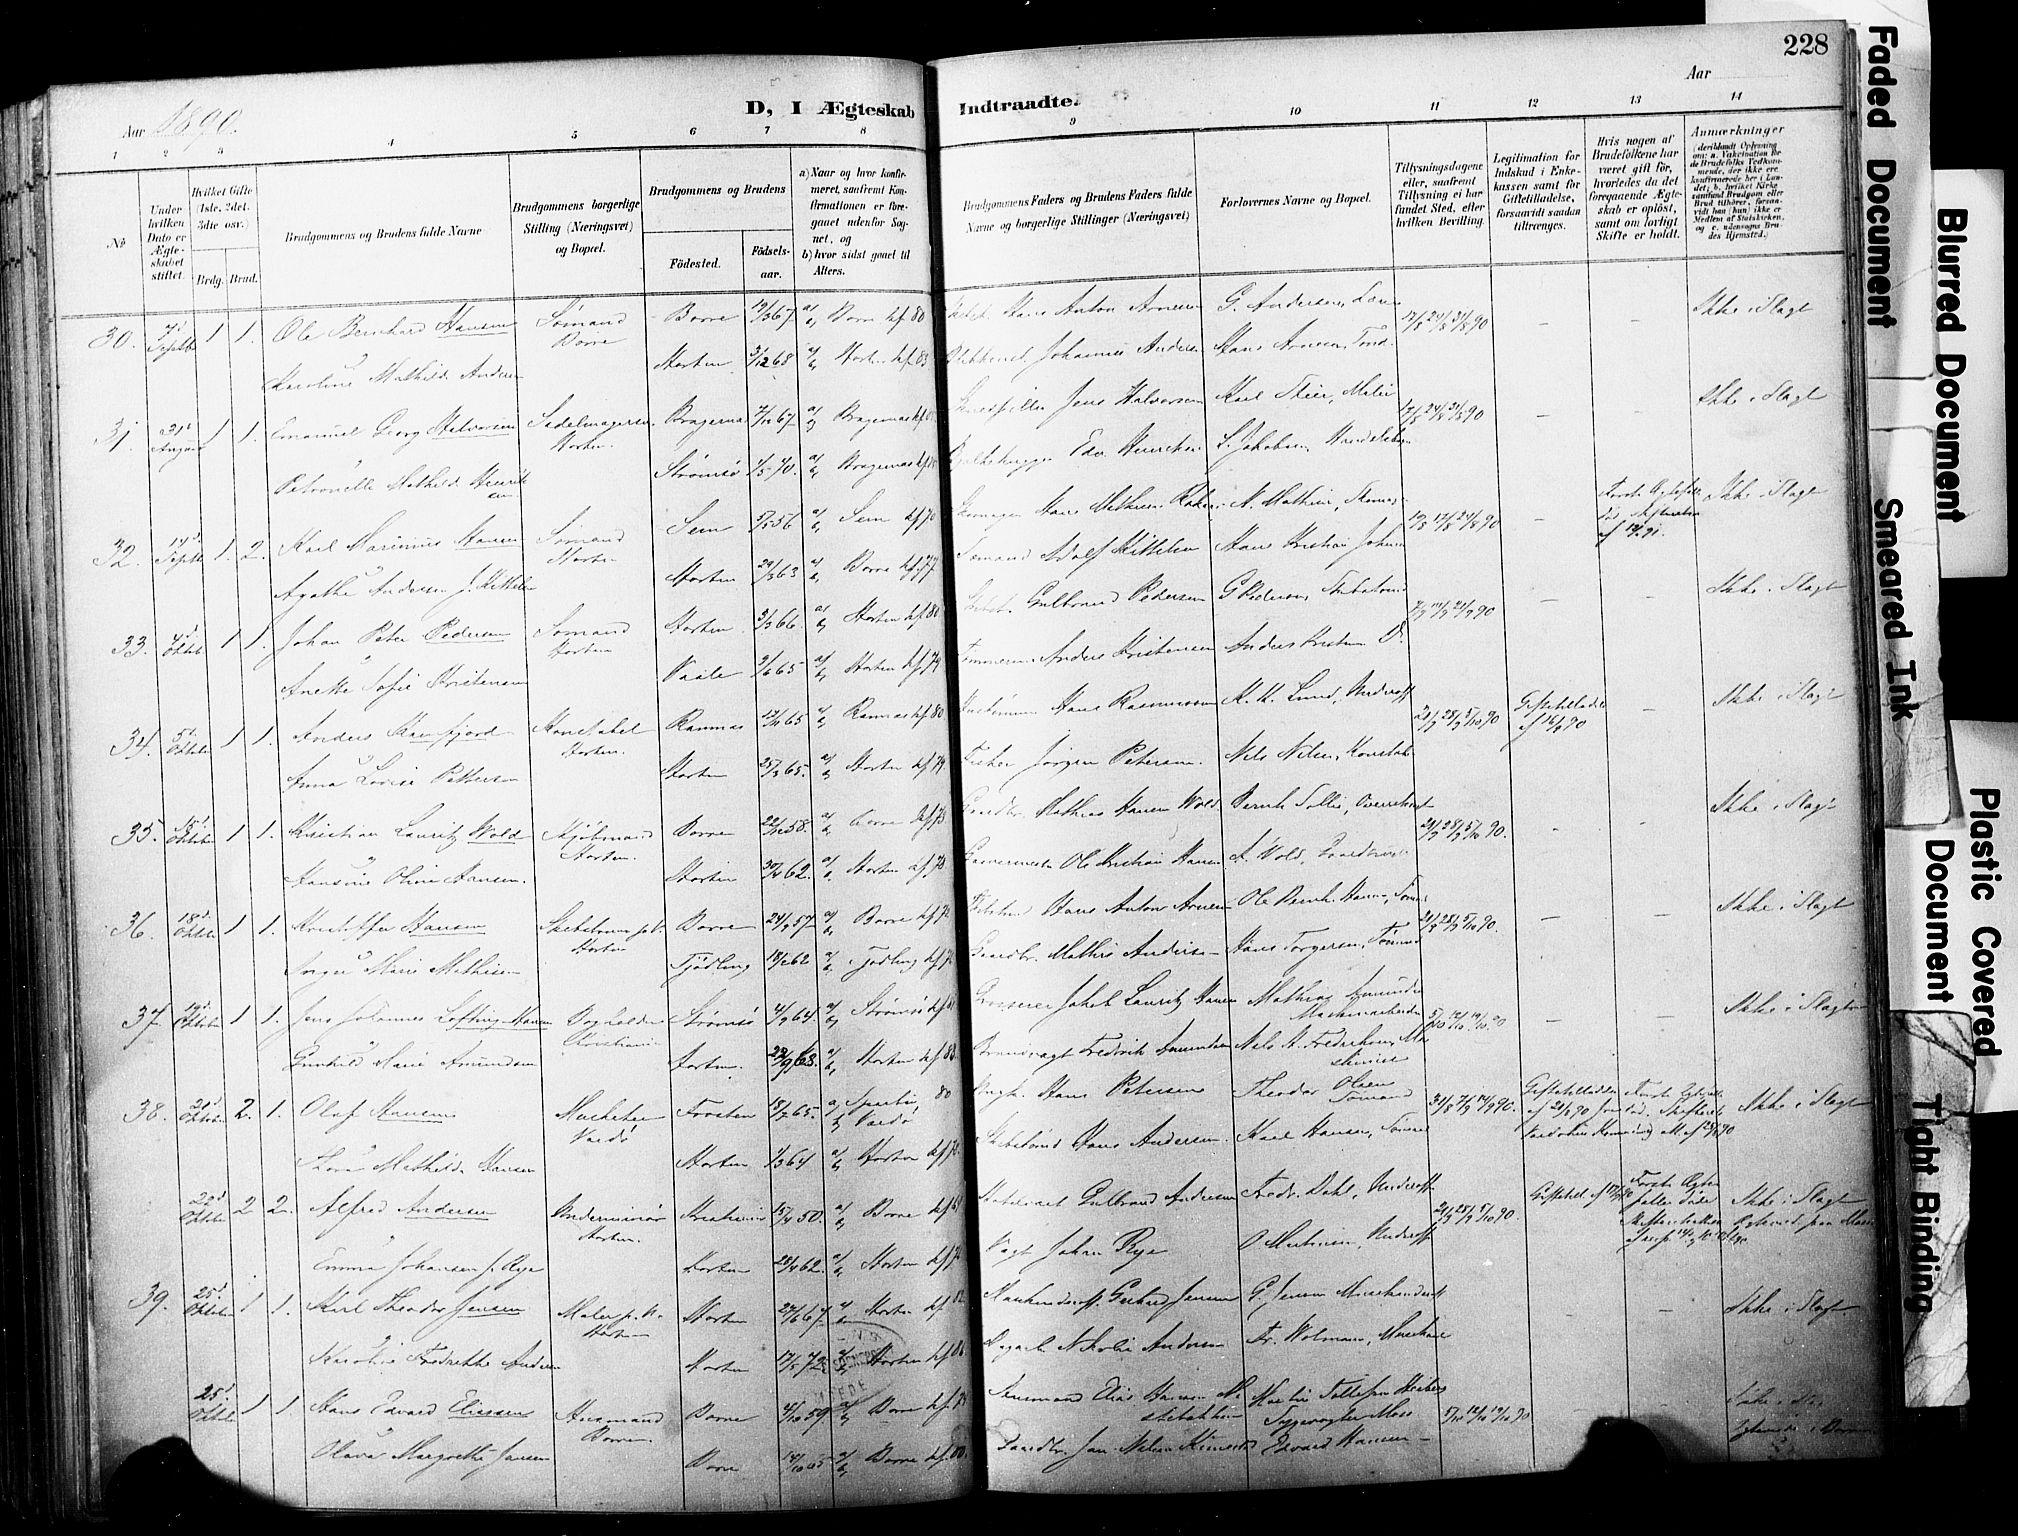 SAKO, Horten kirkebøker, F/Fa/L0004: Ministerialbok nr. 4, 1888-1895, s. 228